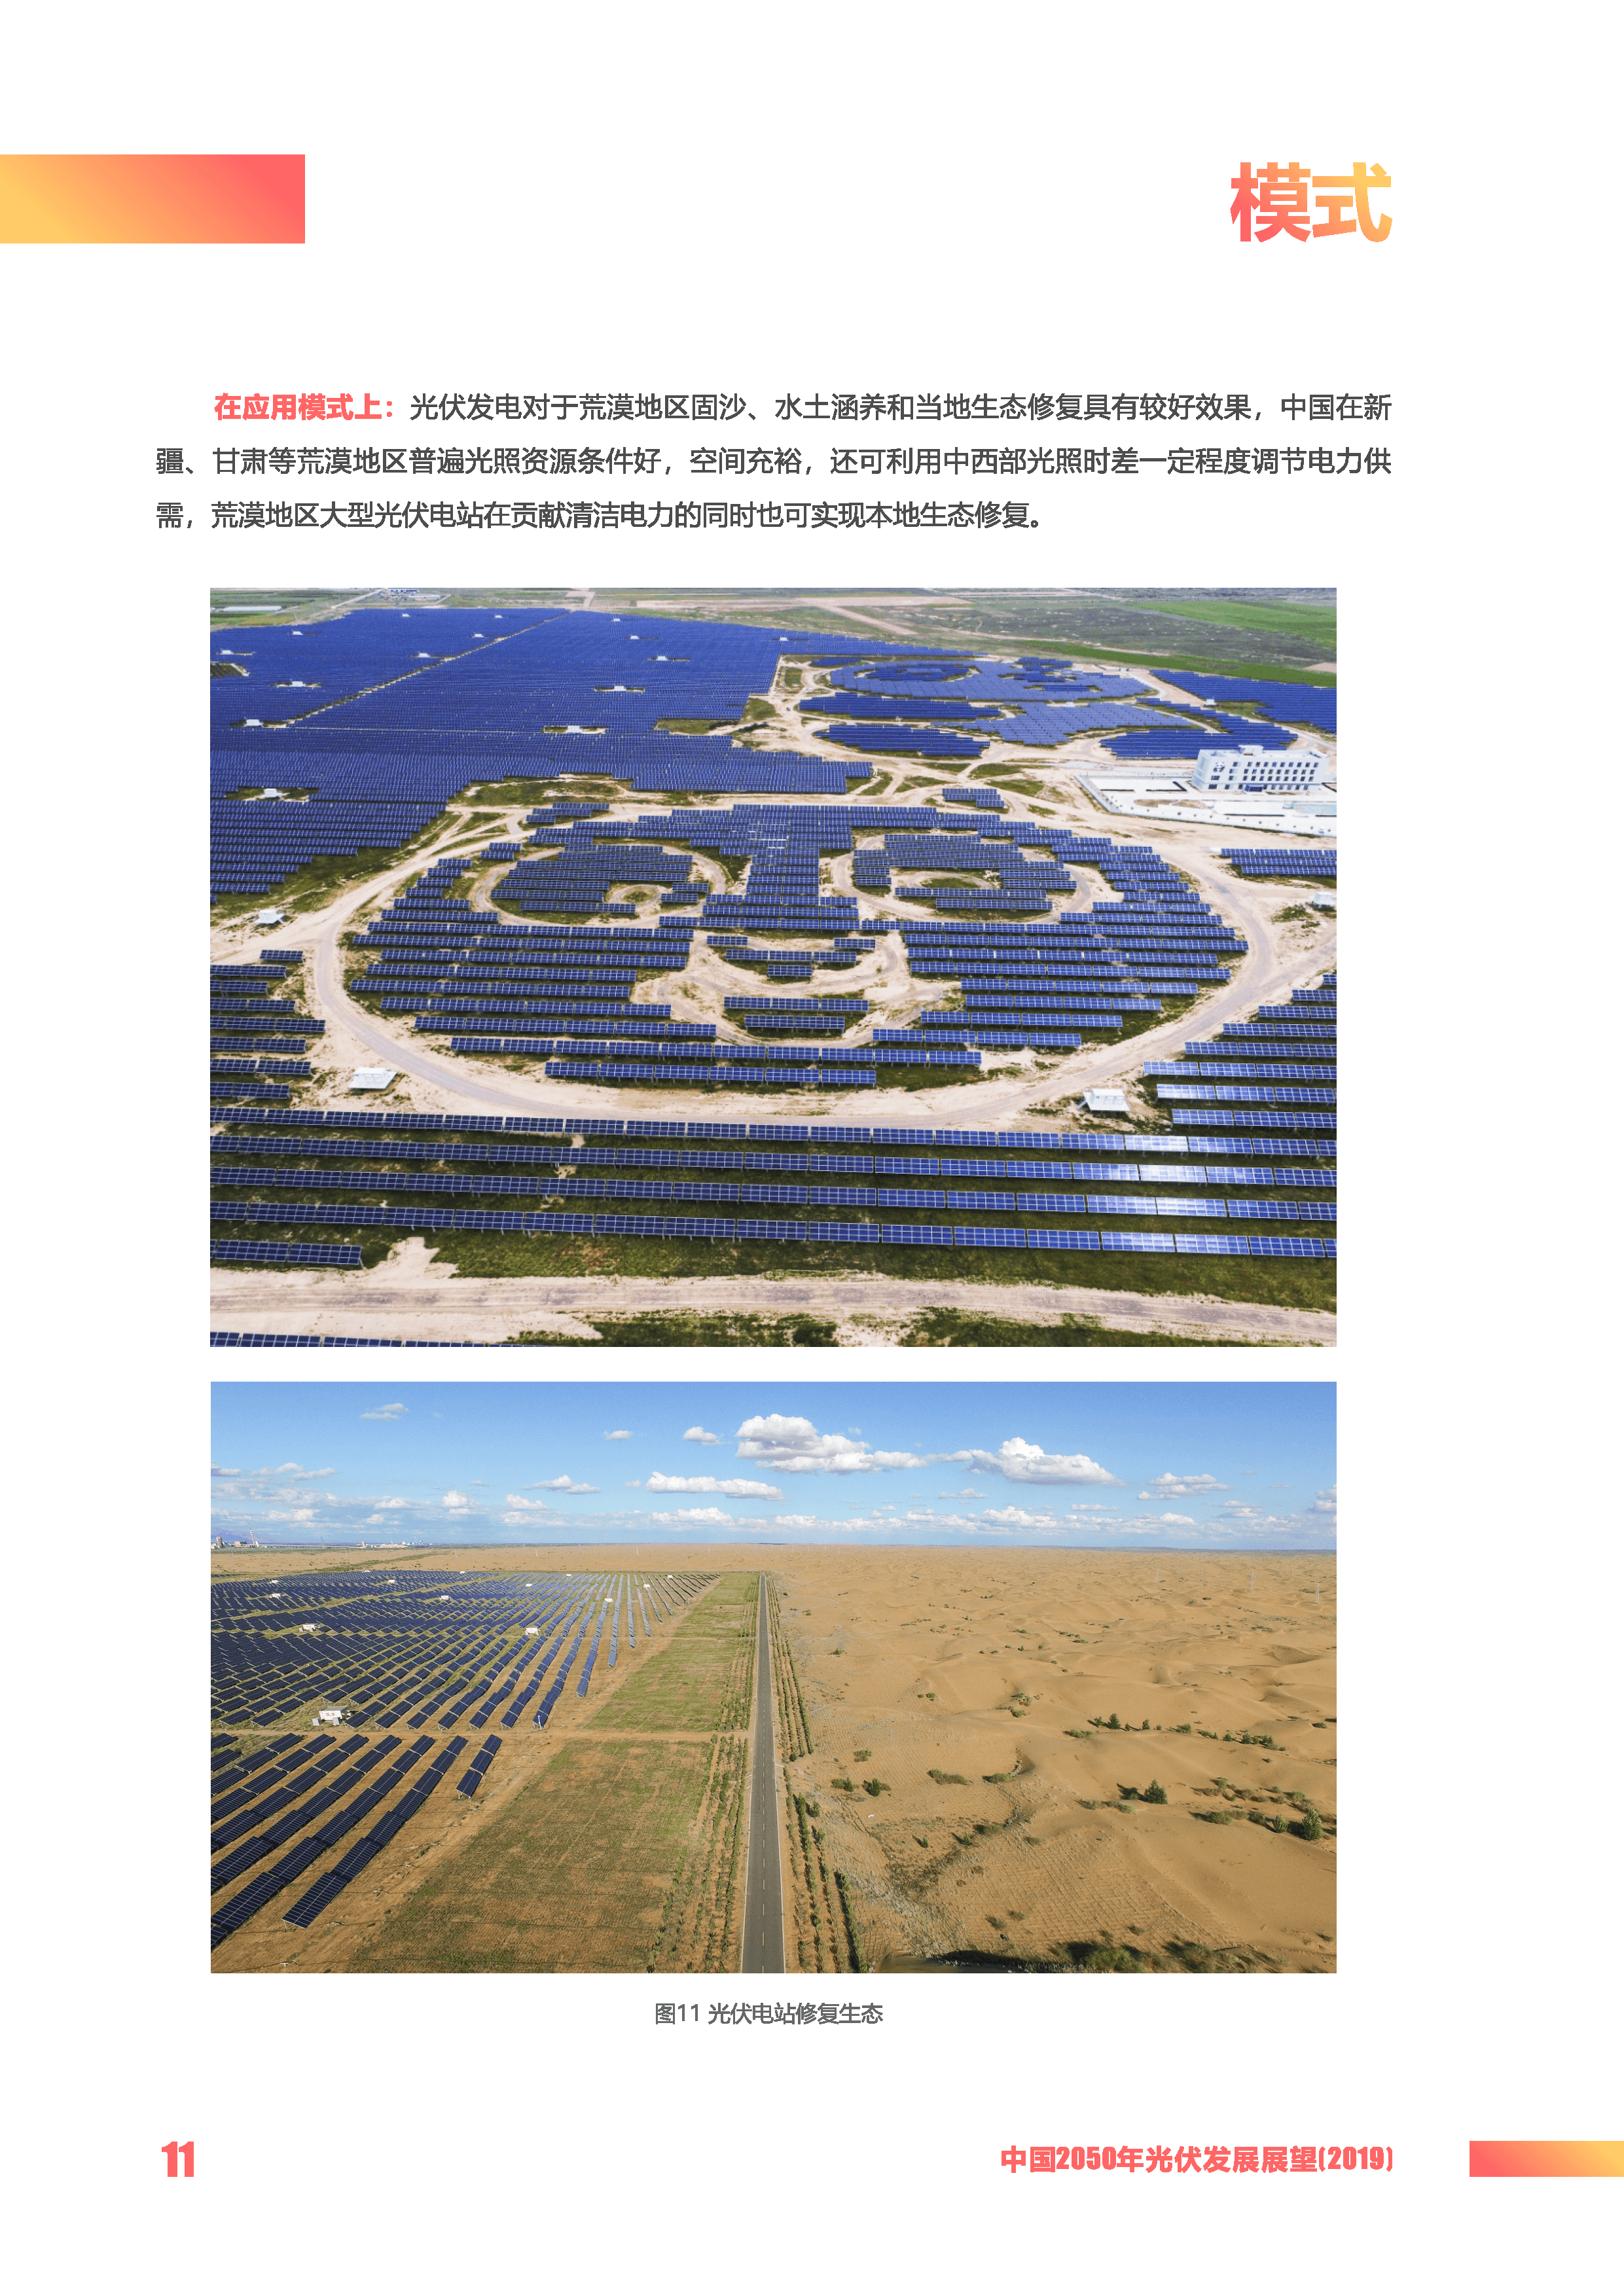 中国2050年光伏发展展望-2019_页面_14